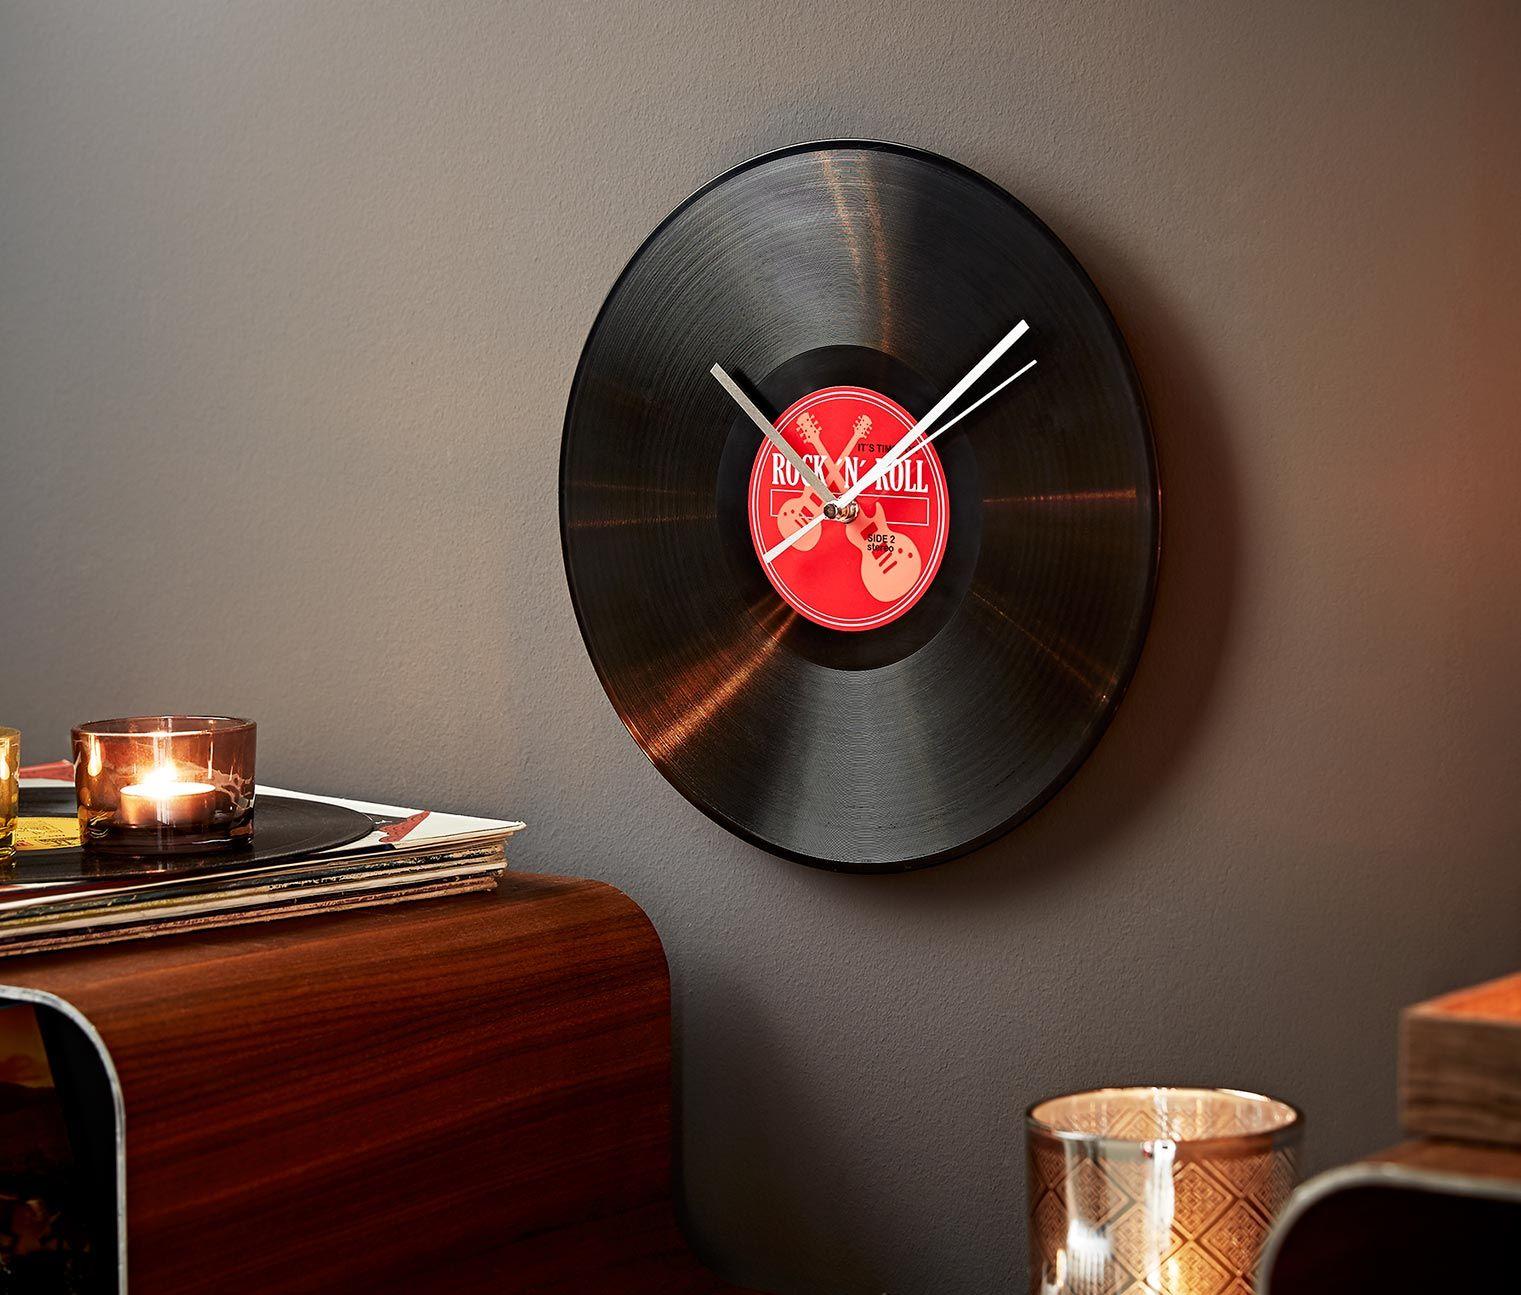 8 99 wanduhr im schallplatten design hier dreht sich nicht der plattenteller sondern die - Schallplatten wand ...